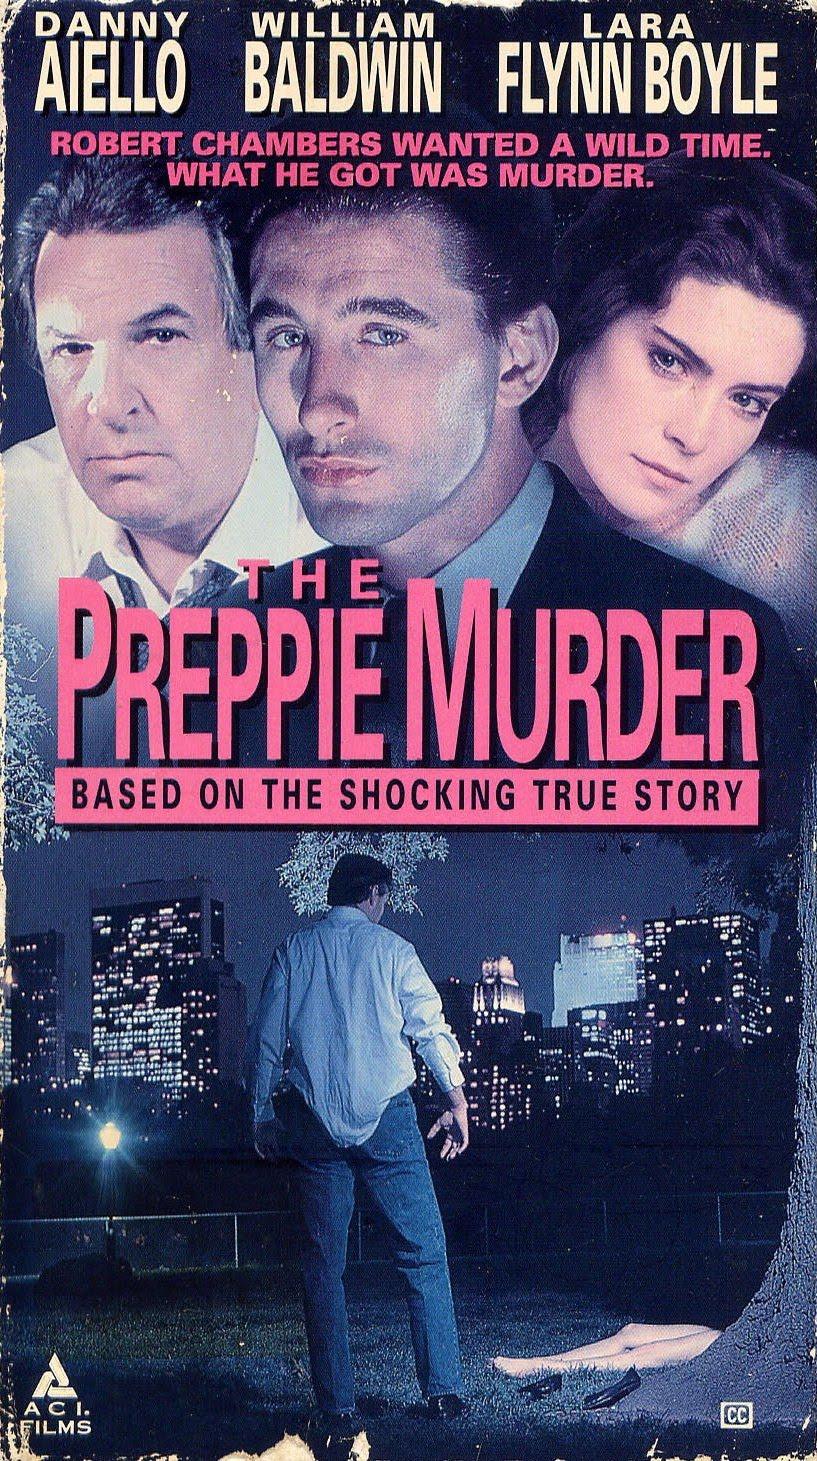 The Preppie Murder (1989)